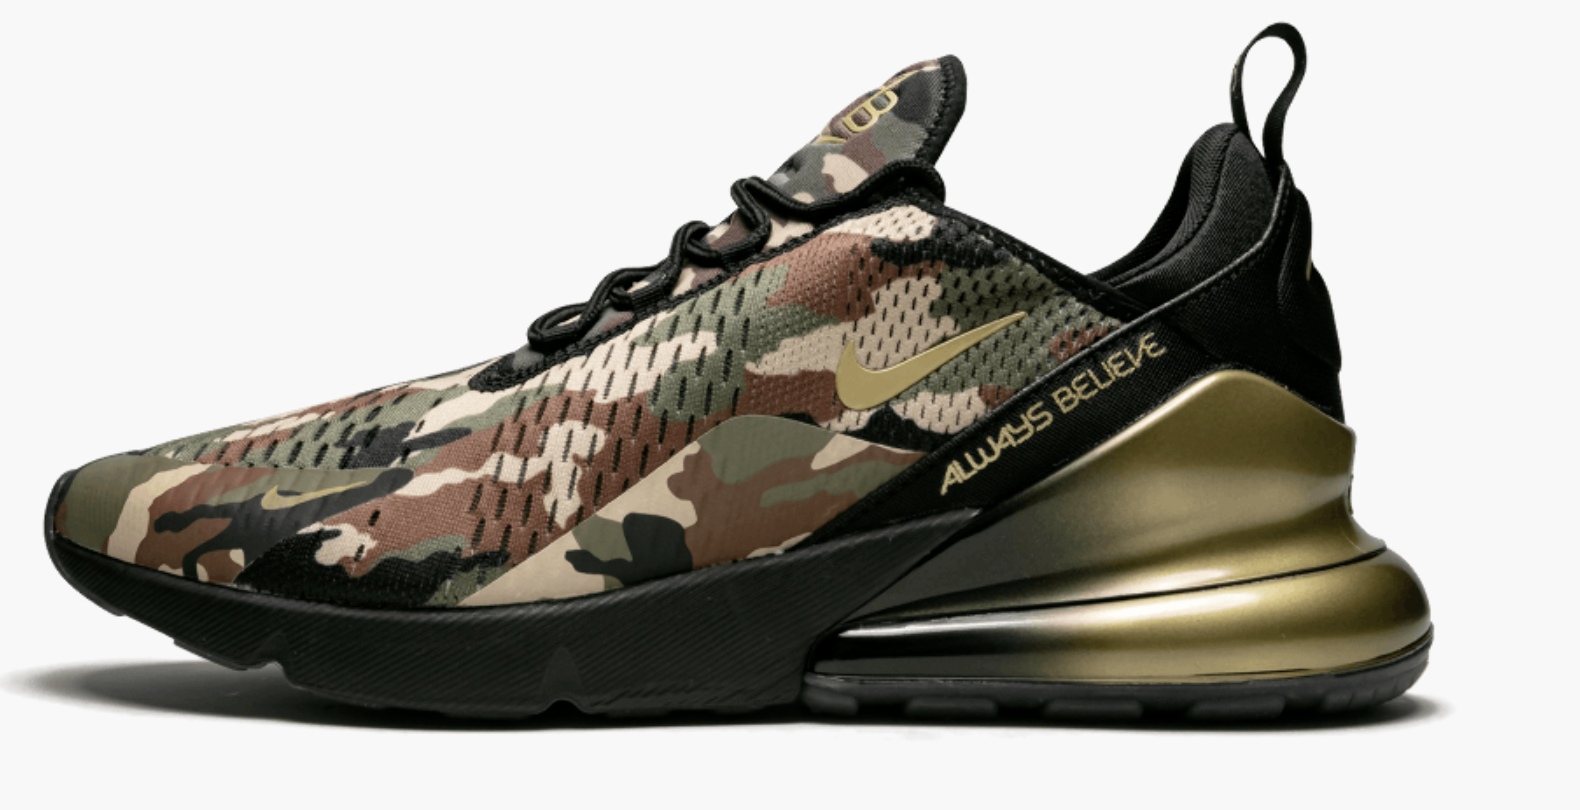 Nike Schuhe: Bis zu bis zu −70% reduziert   Stylight